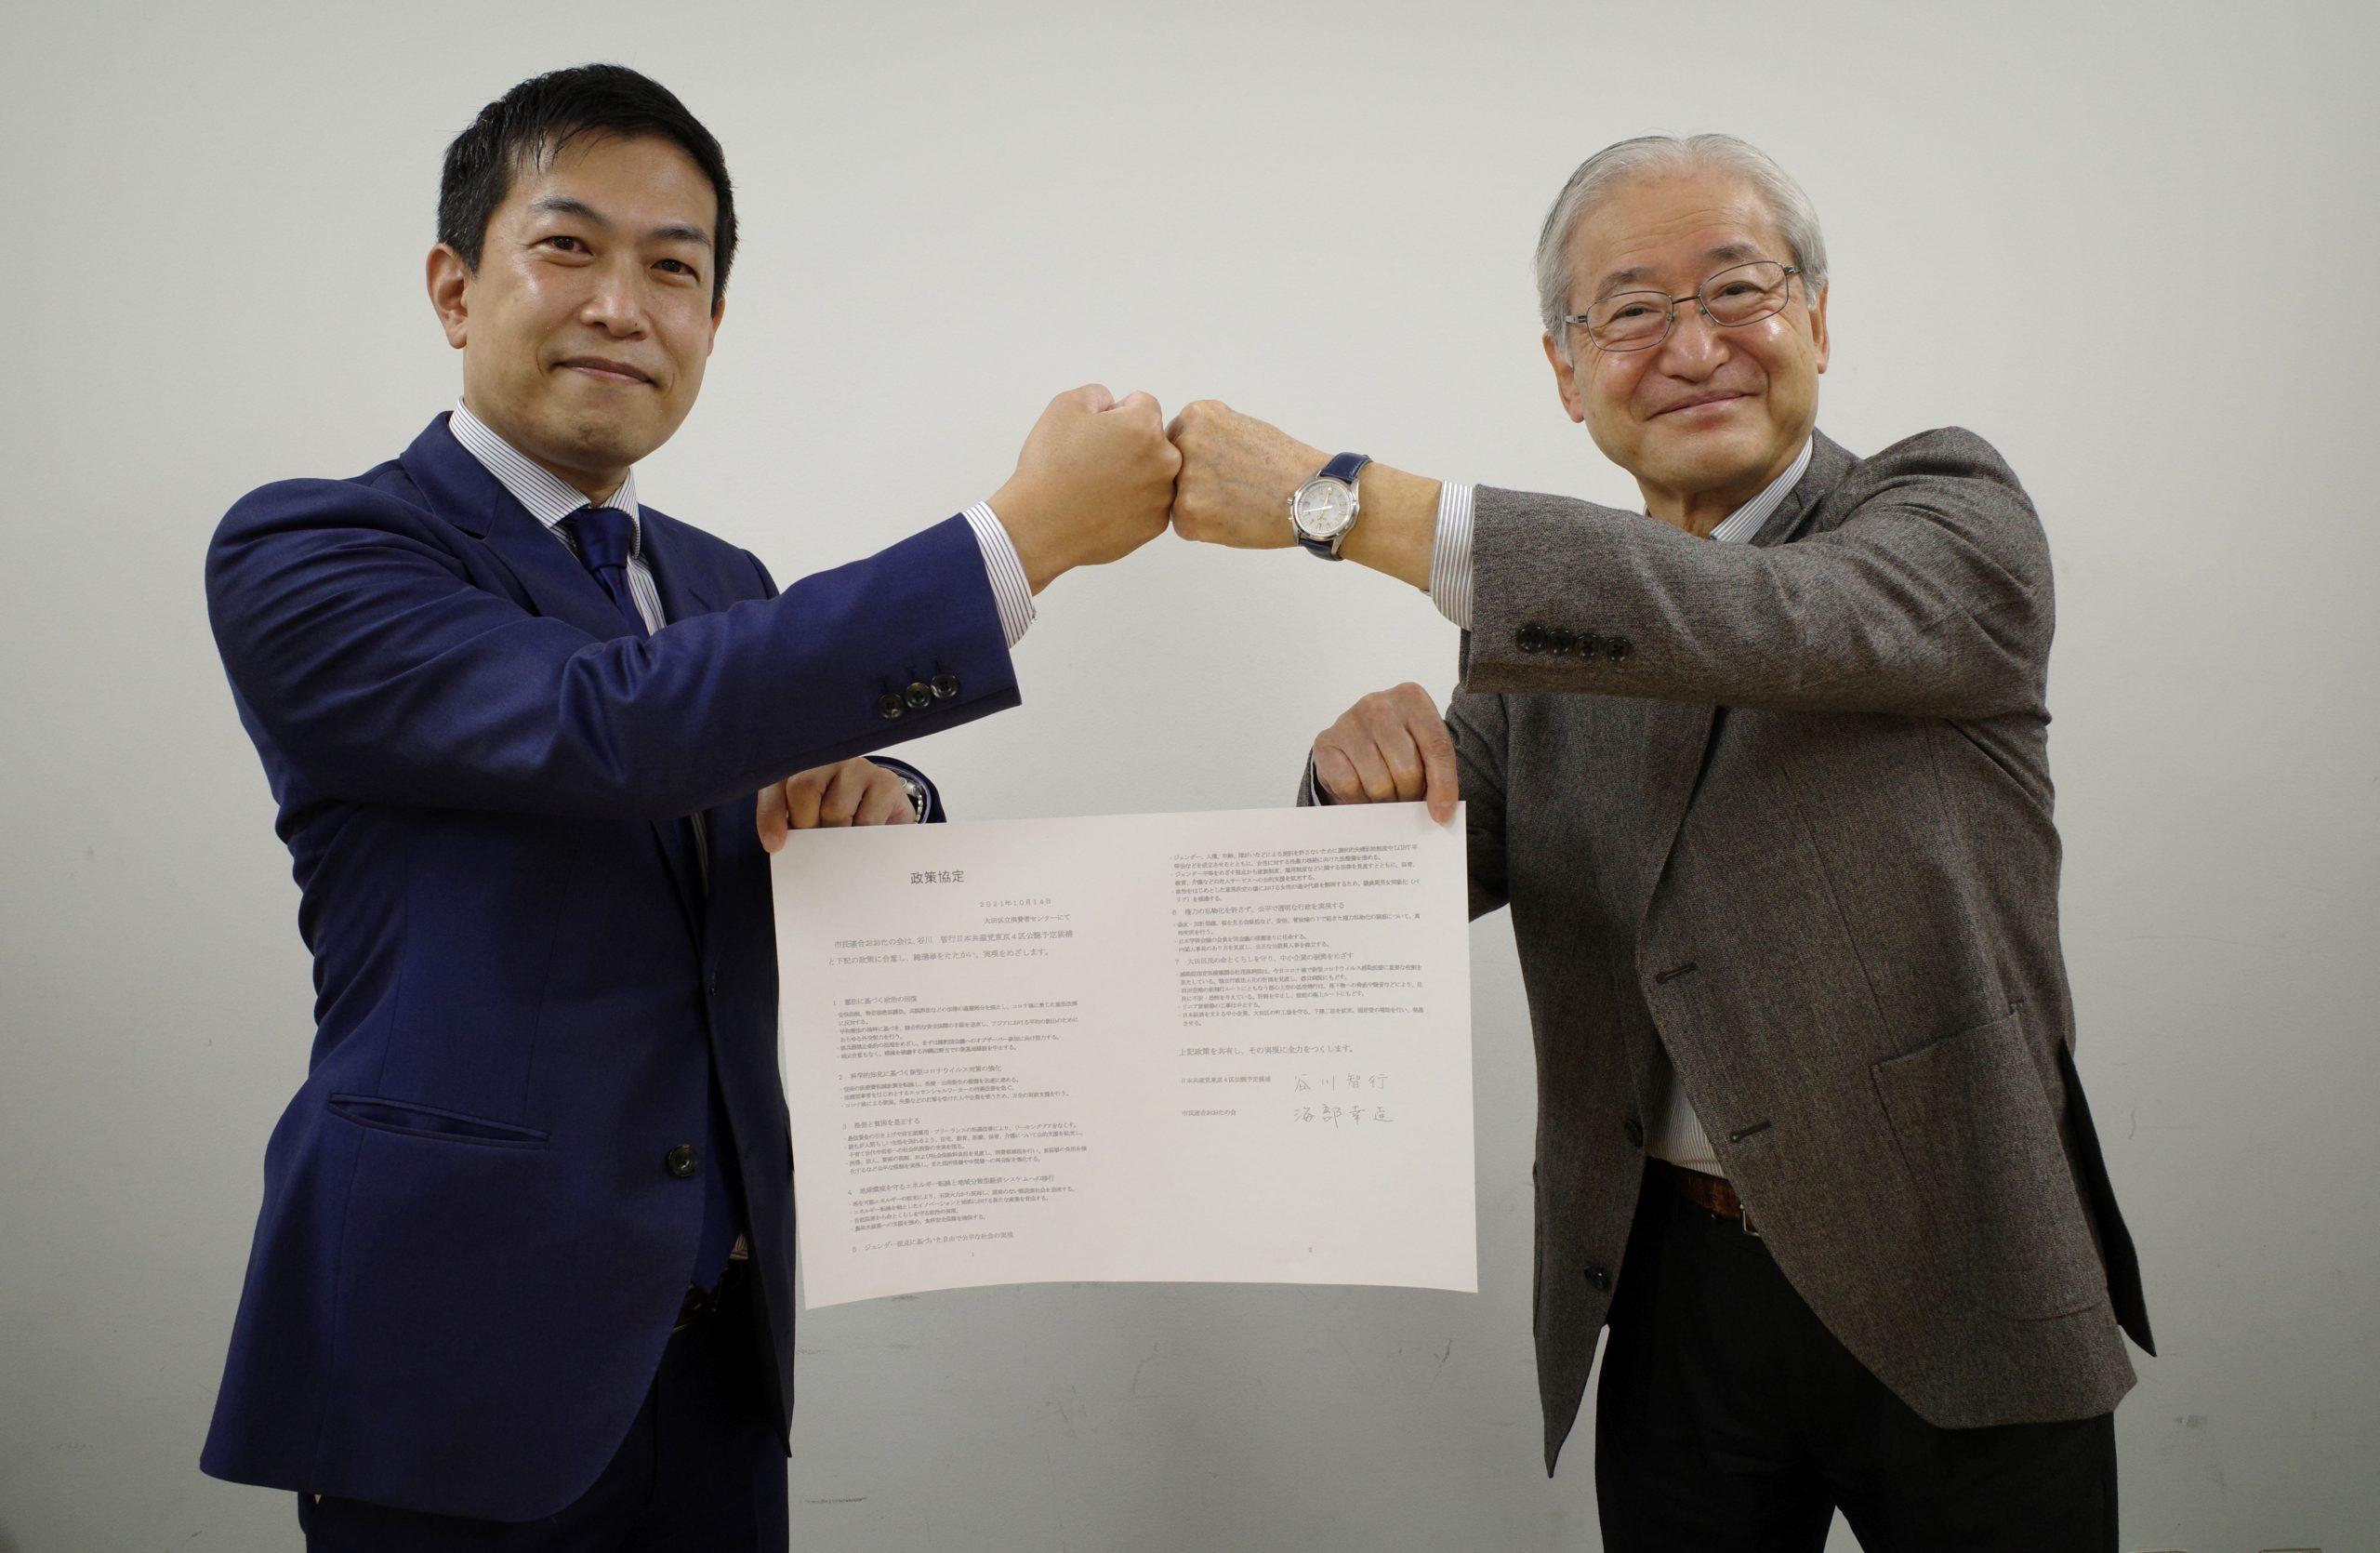 大田区版政策協定調印書 #谷川智行 氏と